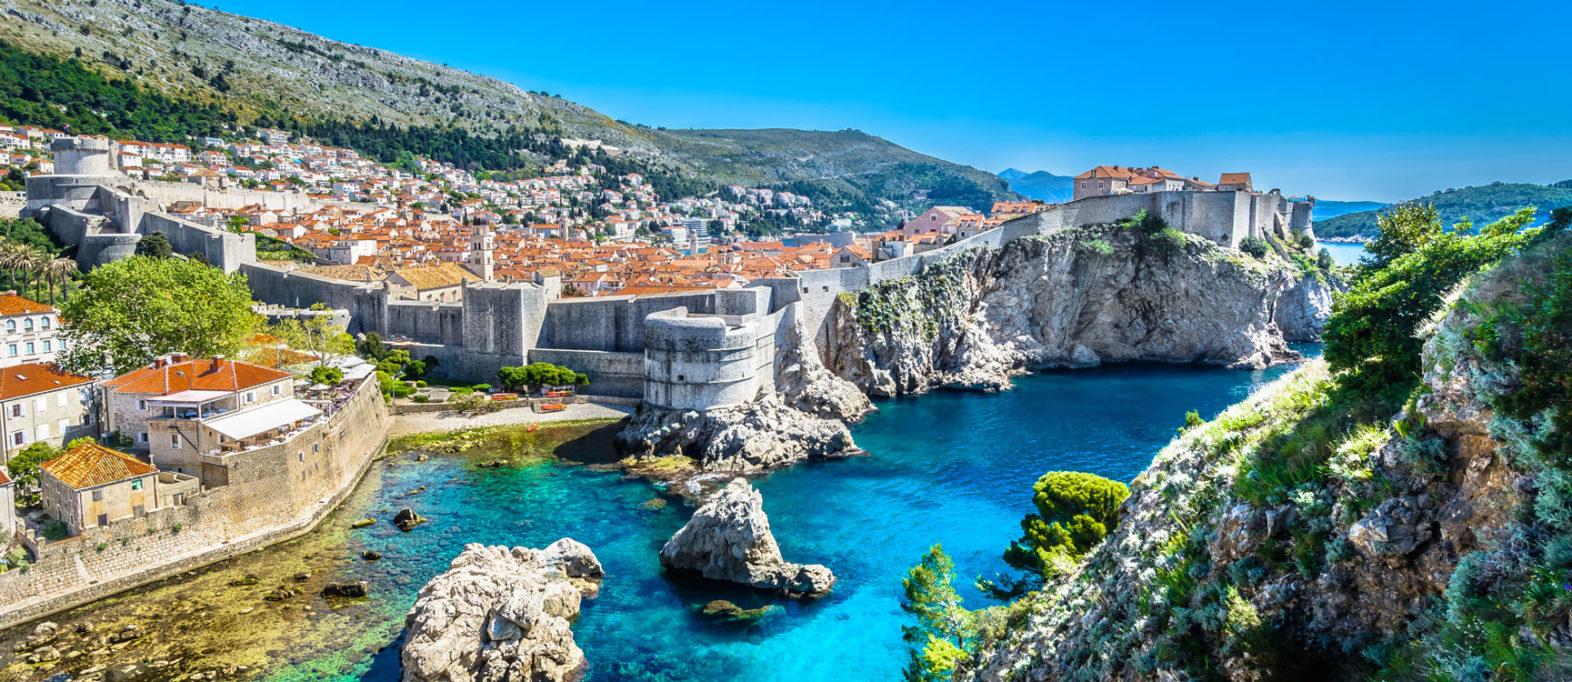 Kroatien: Die schönsten Reiseziele & Tipps